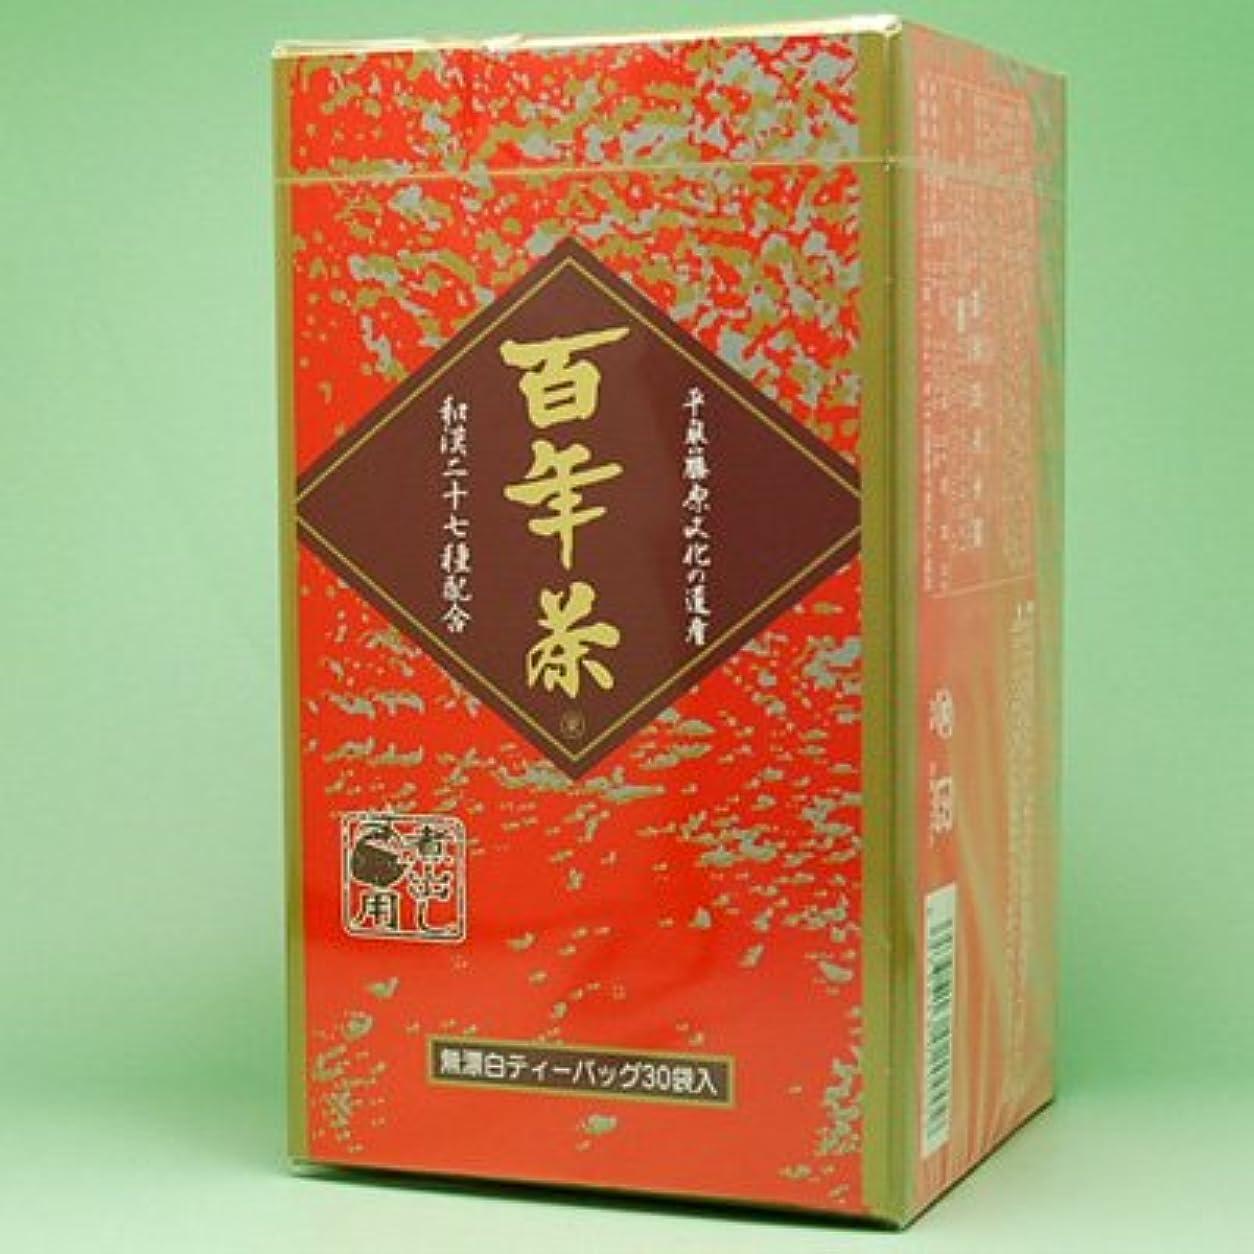 チャーム忘れられない精巧な精茶百年 蕃柘榴配合 30袋 (#122200) ×6個セット